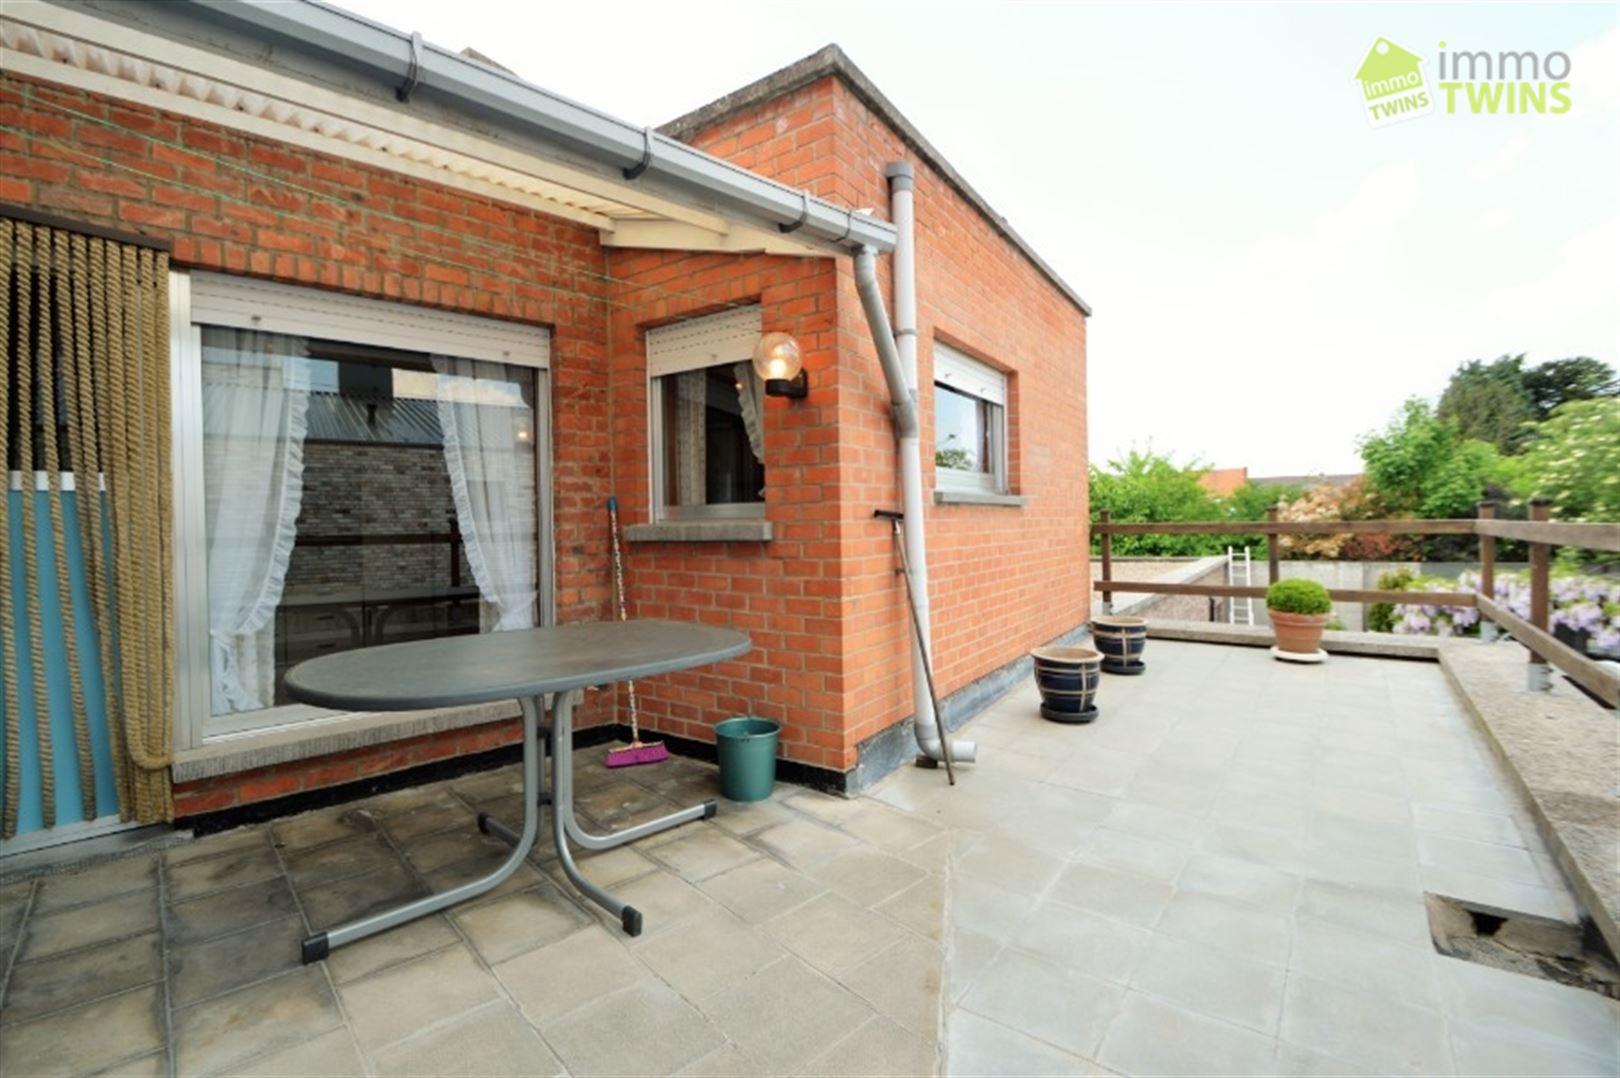 Foto 9 : Appartement te 9200 Oudegem (België) - Prijs € 700